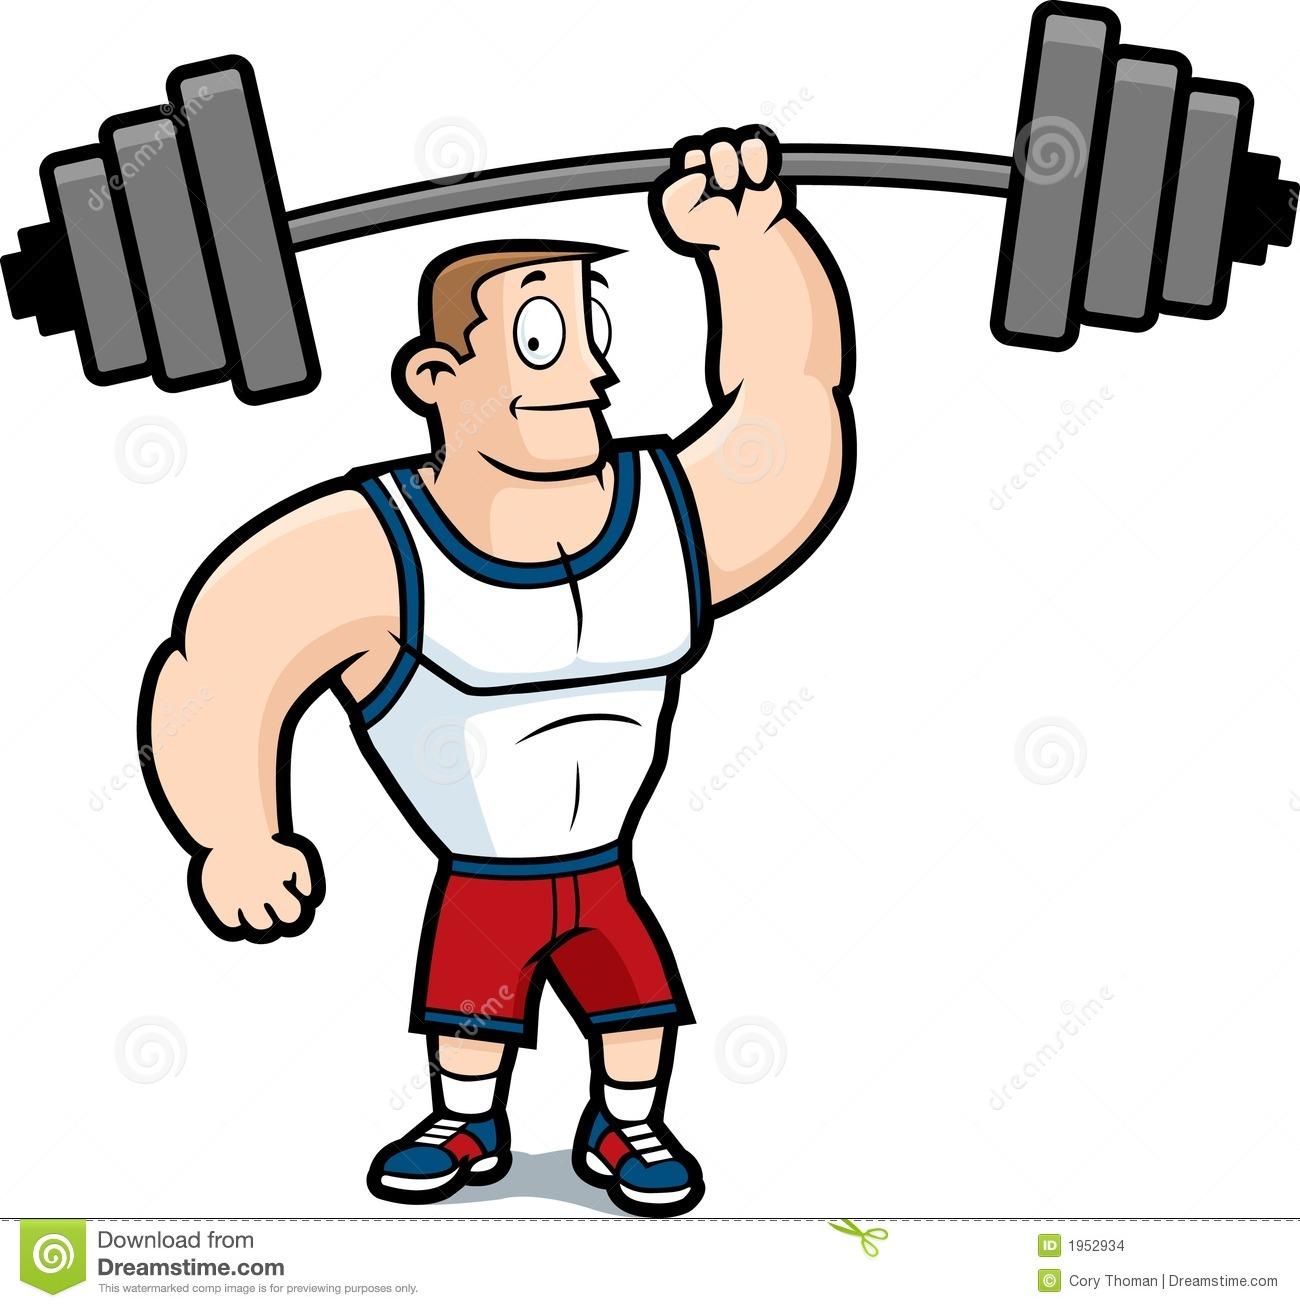 Gym Guy Stock Images Image 1952934-Gym Guy Stock Images Image 1952934-8